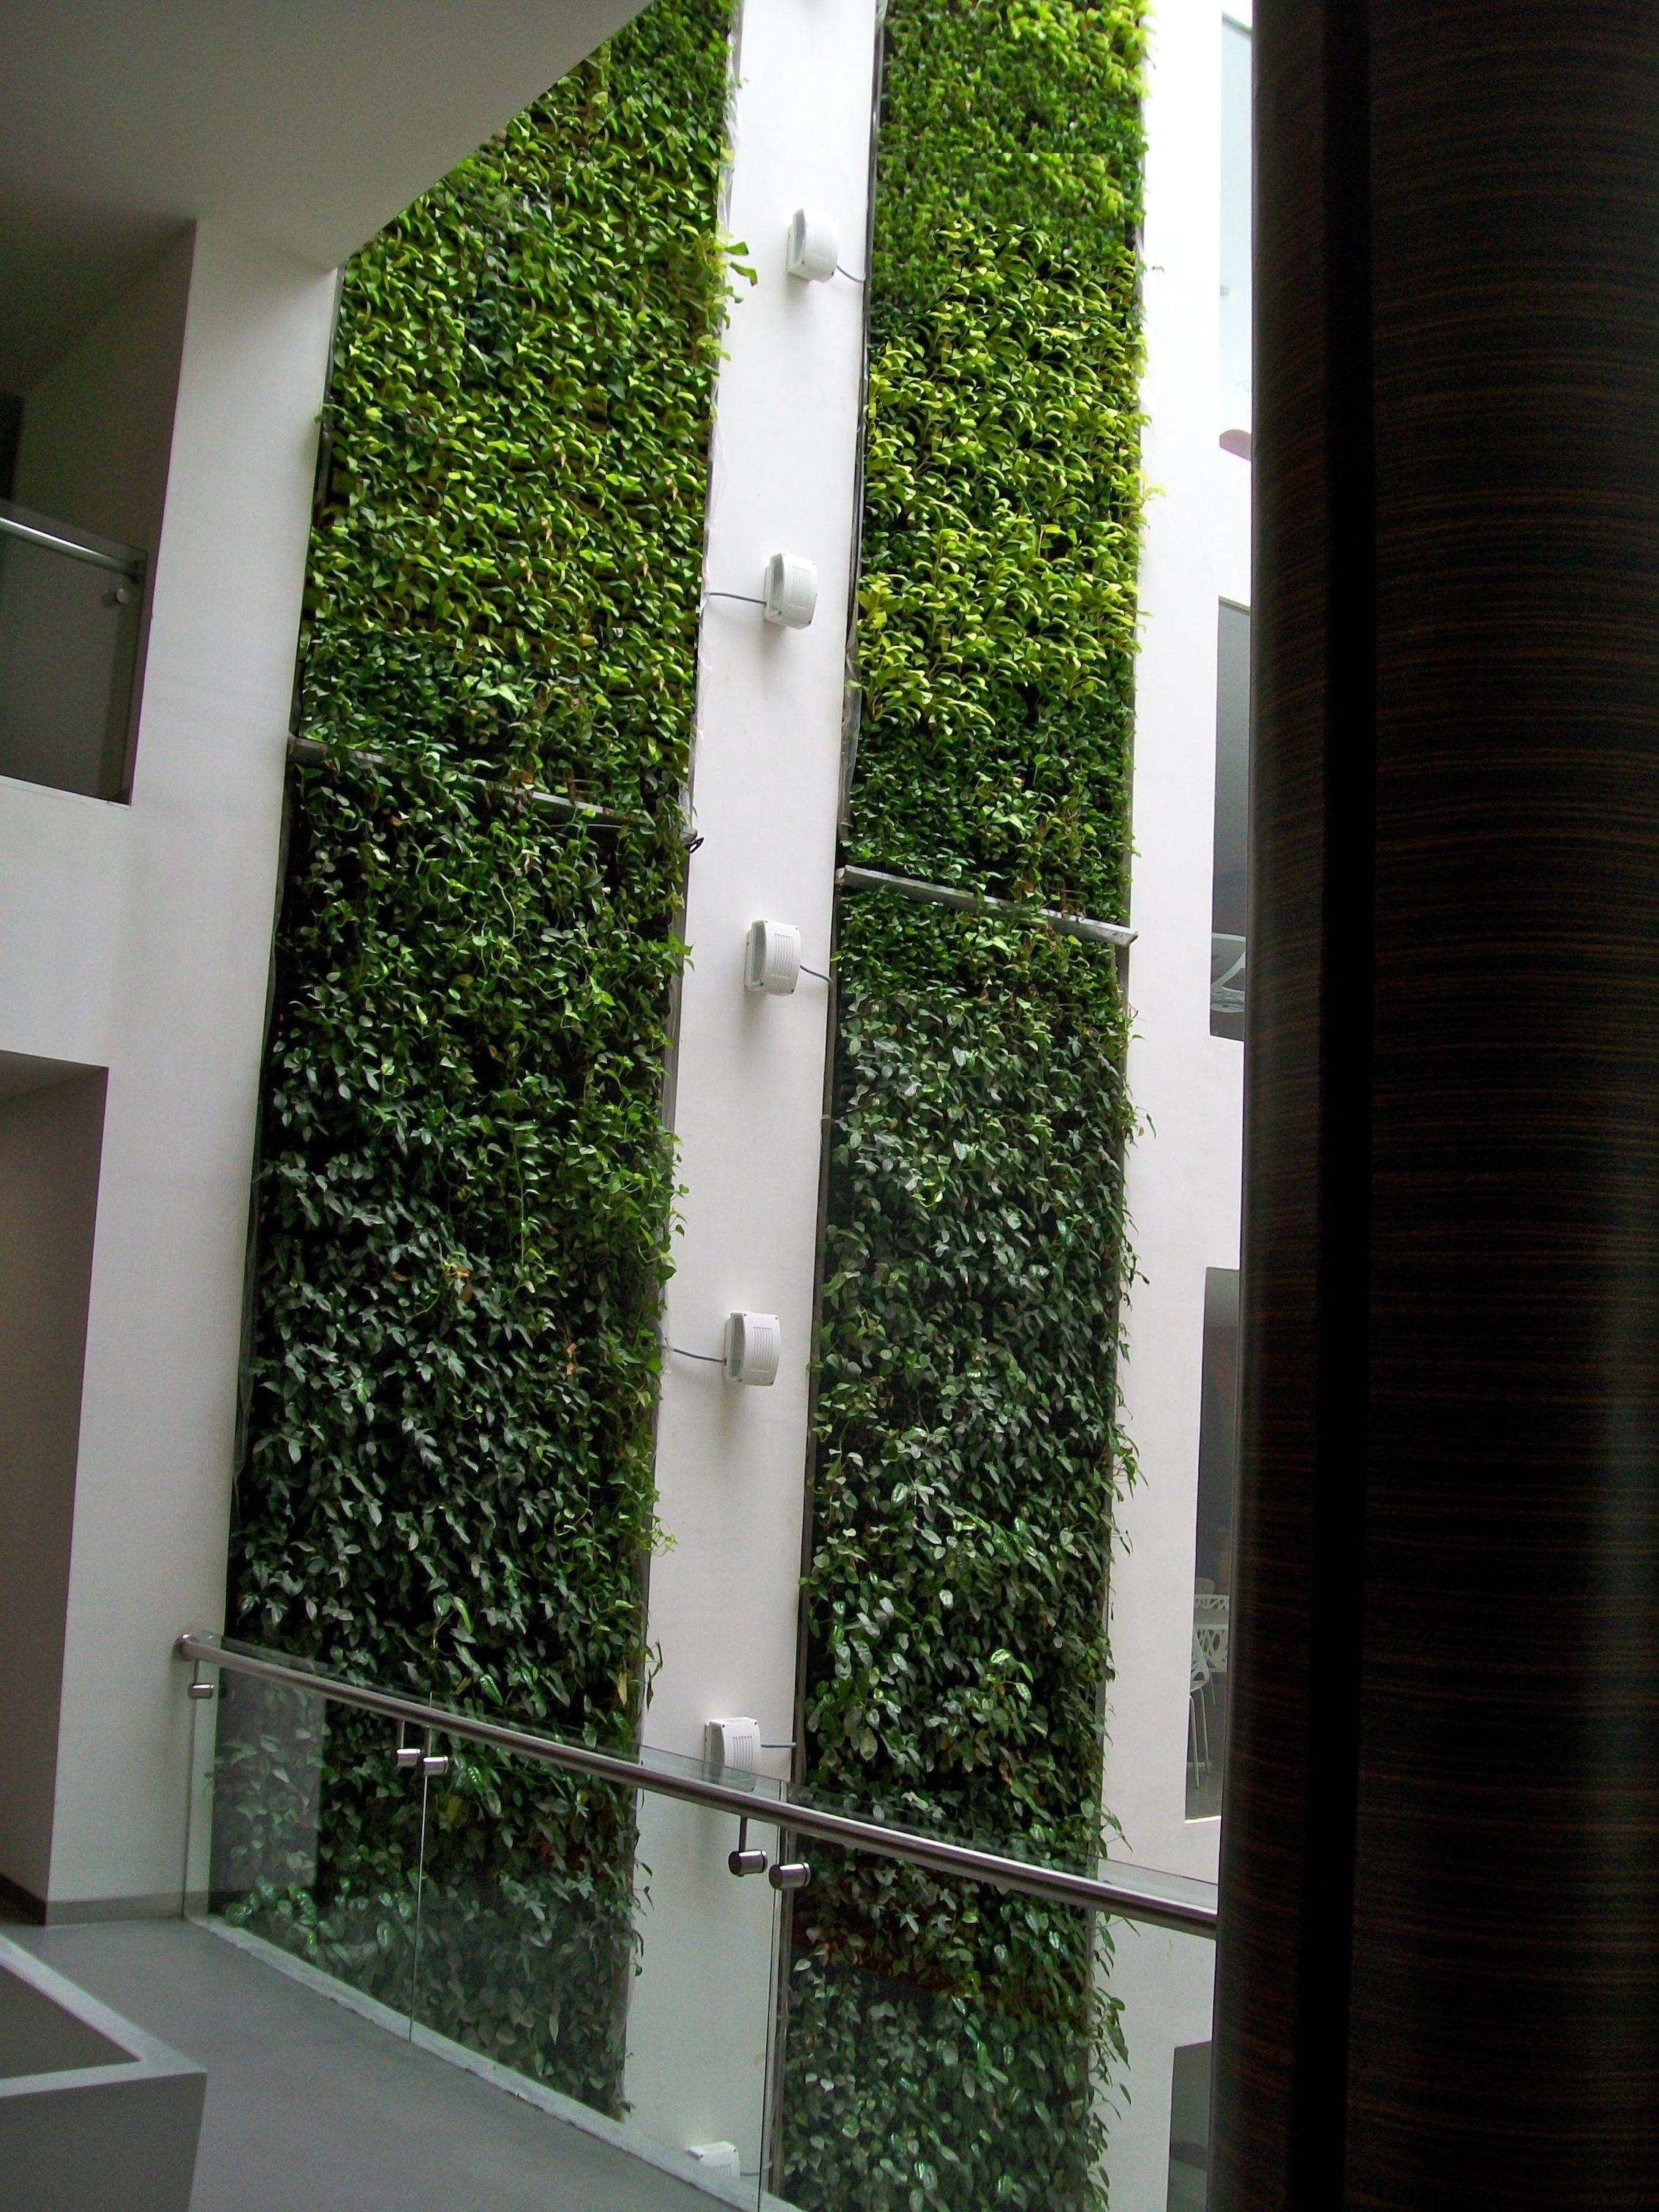 Small Crop Of Wall Indoor Garden